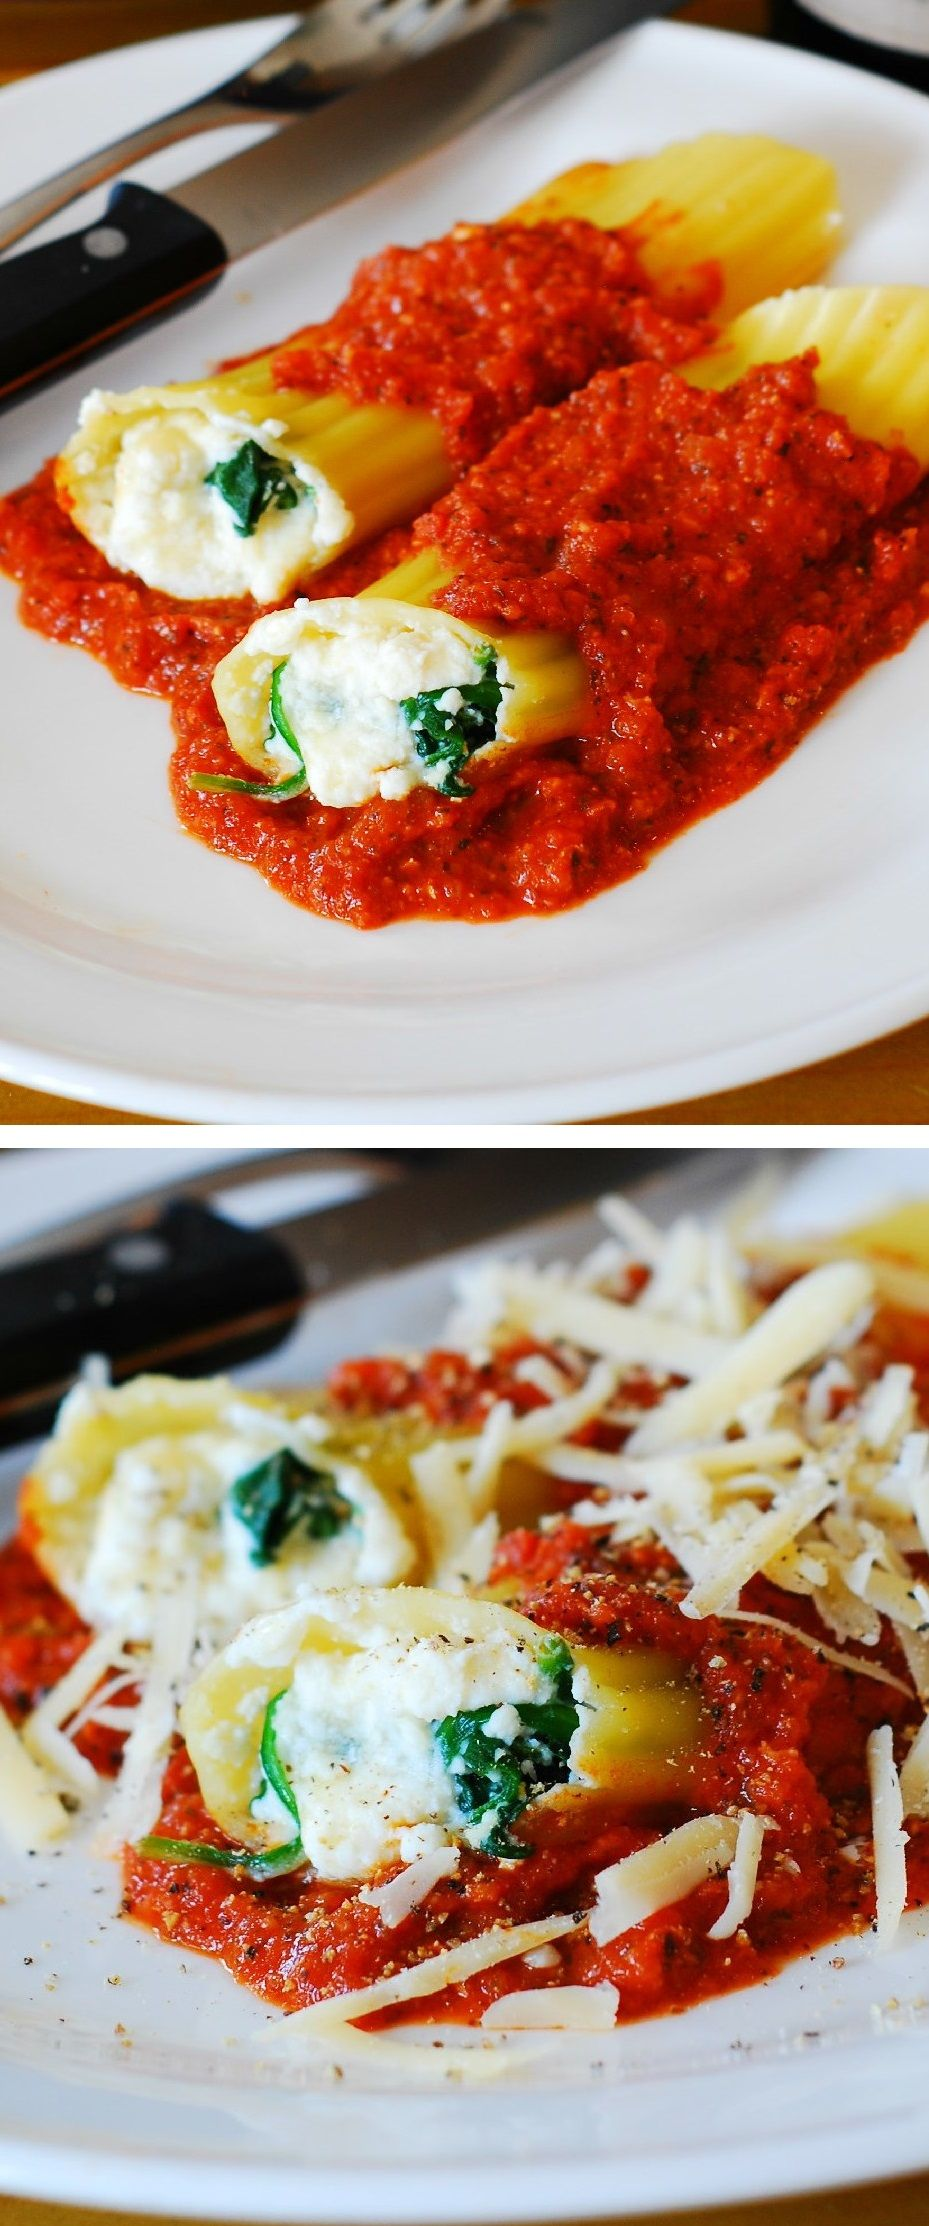 Pin By Takashi Kawamura On Julia S Dinner Recipes Italian Pasta Recipes Italian Recipes Recipes